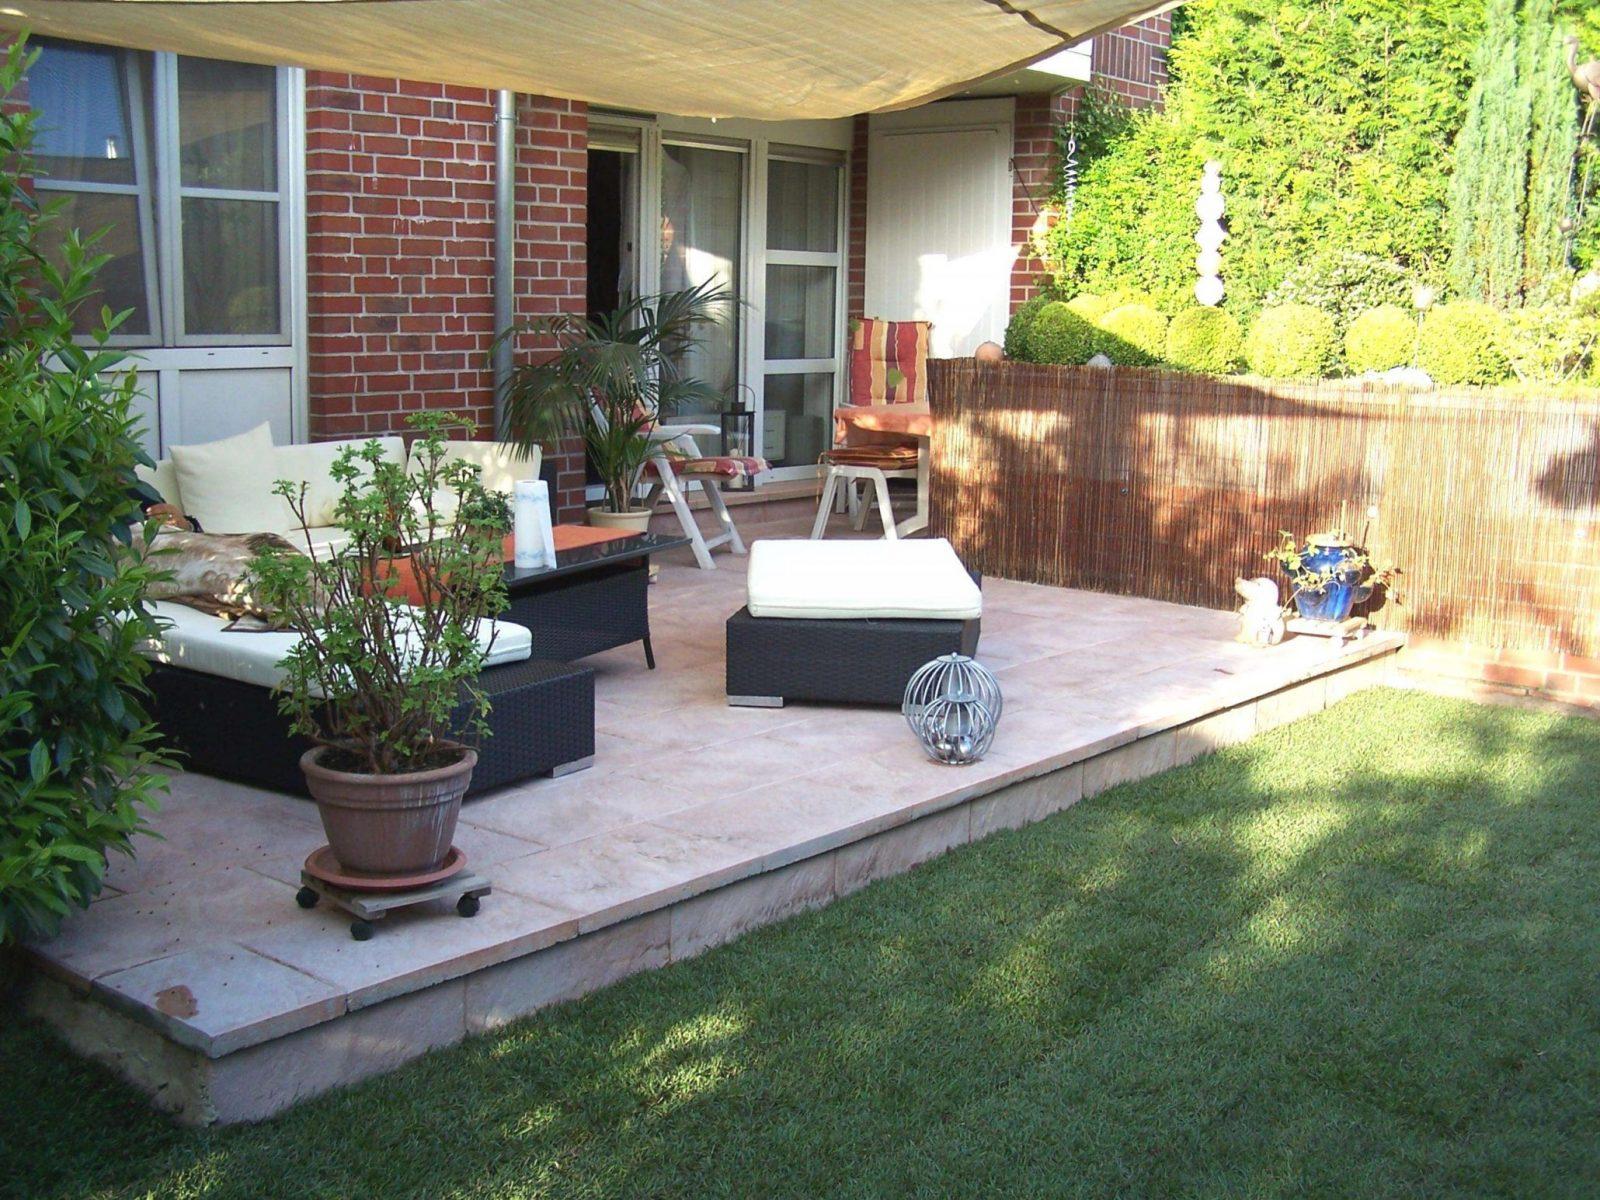 Attraktiv Bilder Reihenhaus Gartengestaltung Ideen Methodepilates von Gartengestaltung Kleiner Garten Reihenhaus Bild